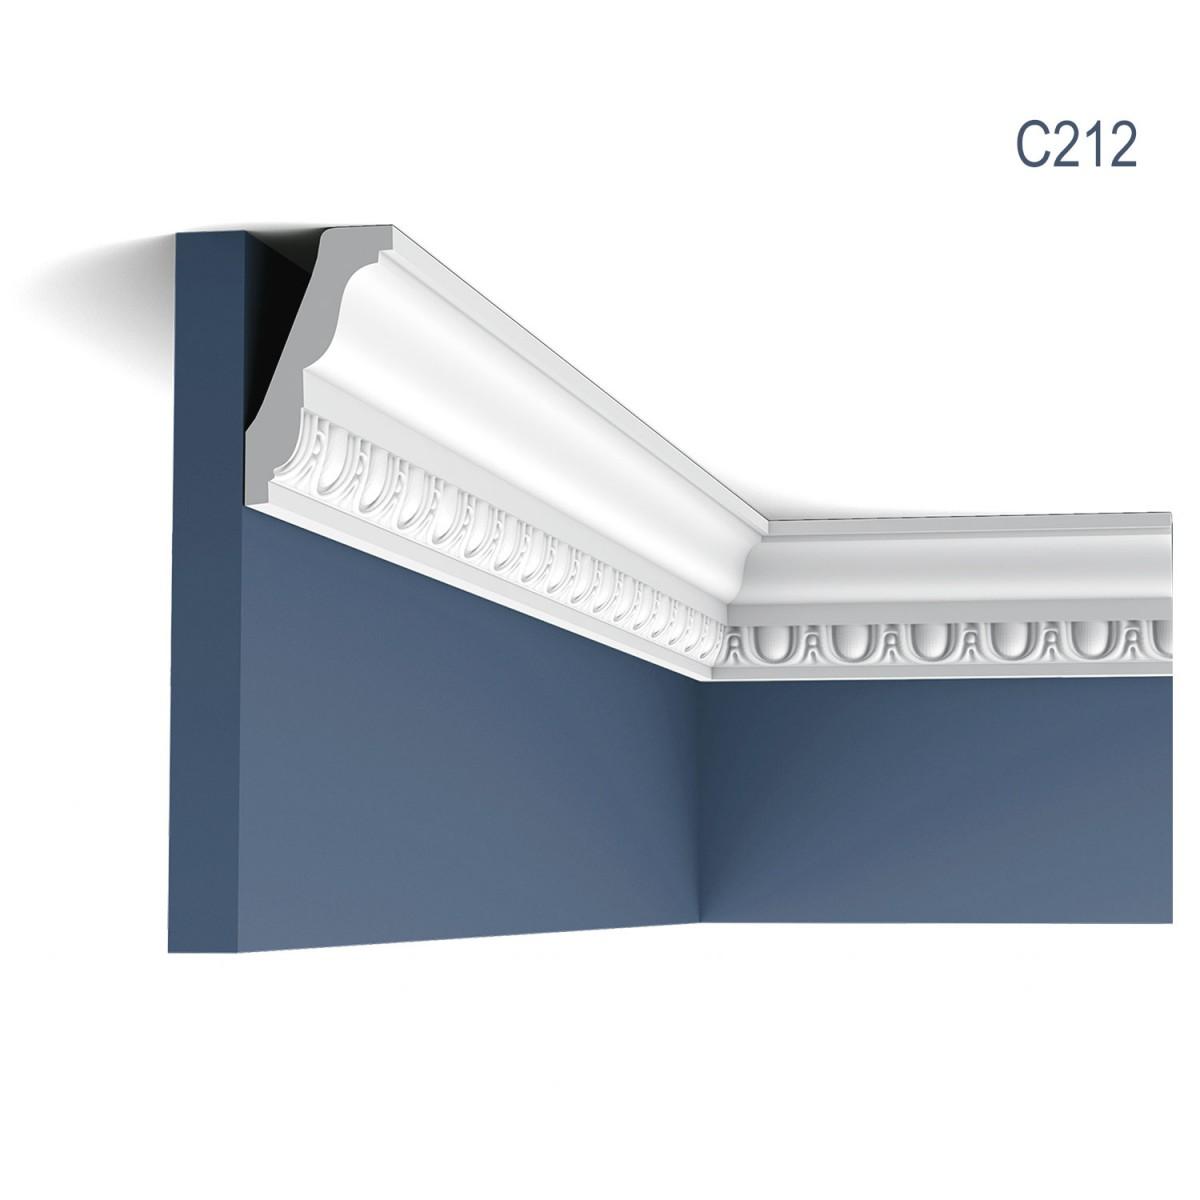 Cornisa Luxxus C212, Dimensiuni: 200 X 7.3 X 4.5 cm, Orac Decor